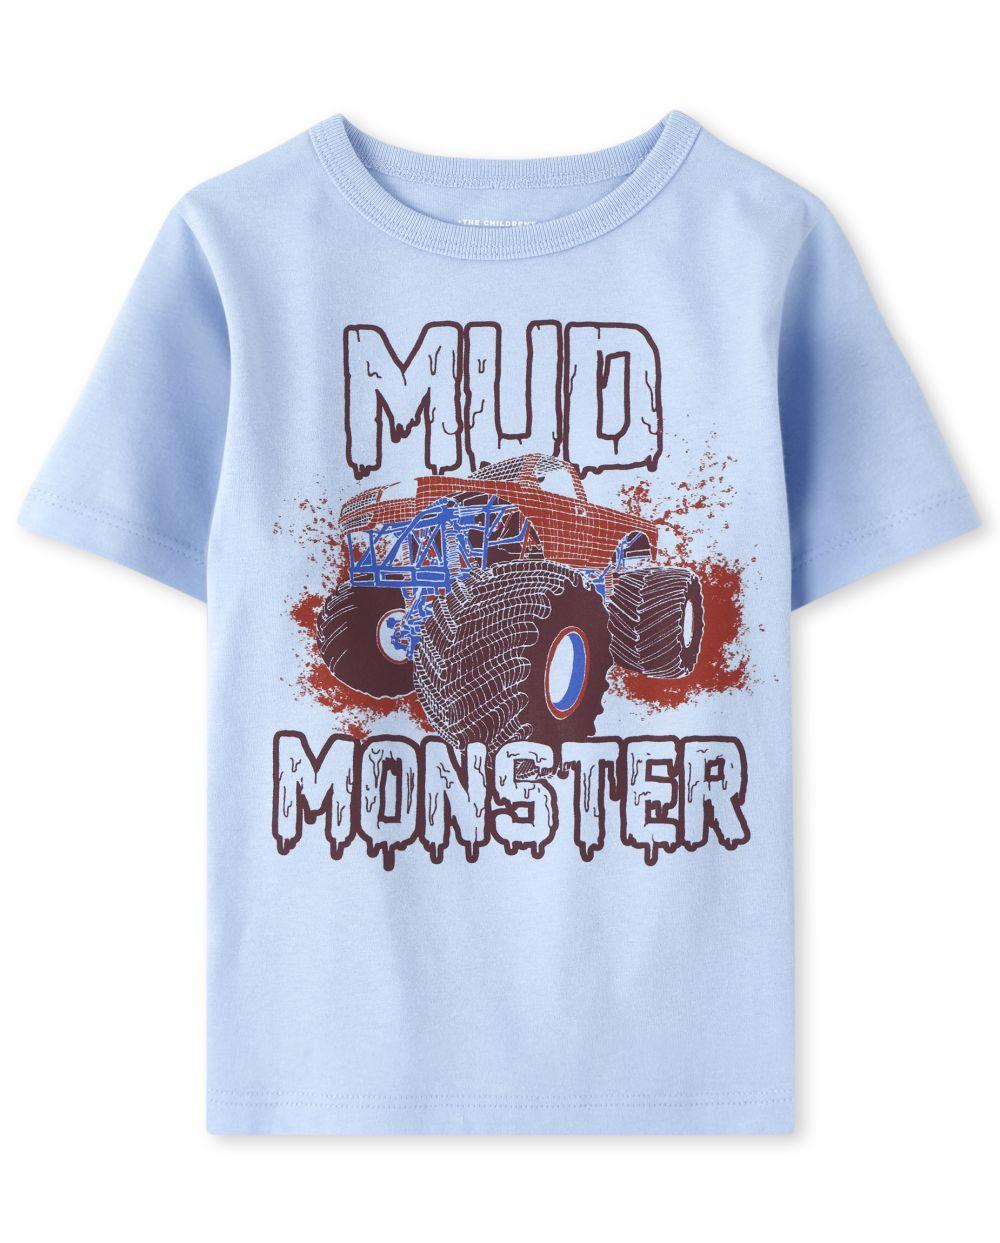 Camiseta con gráfico de monstruo de barro para bebés y niños pequeños